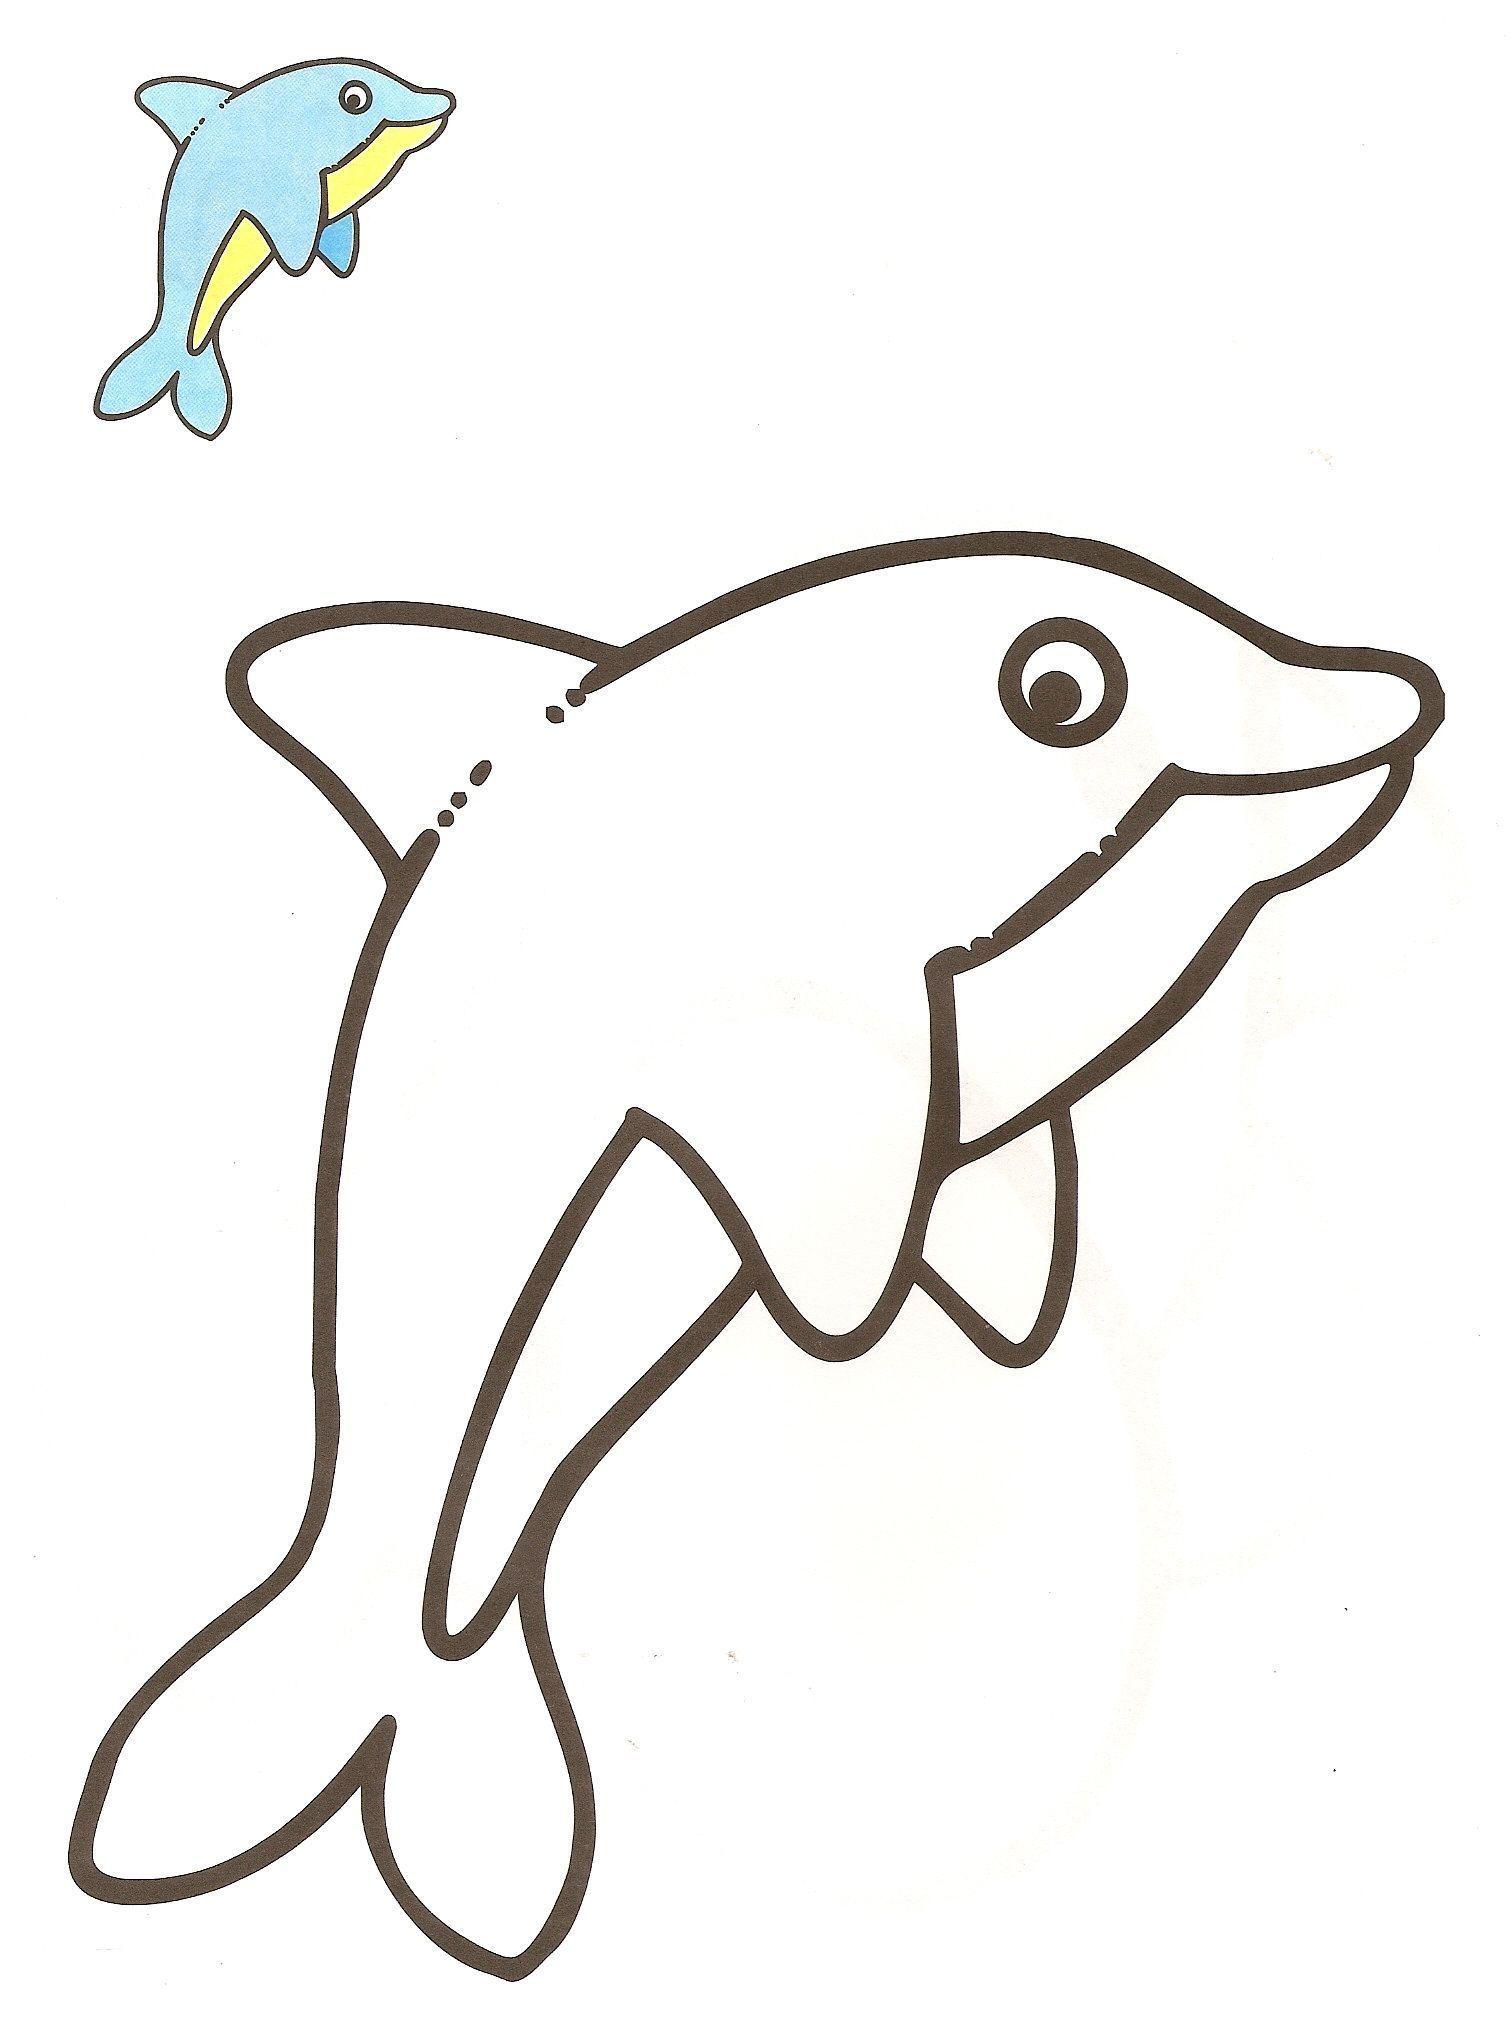 Delfin dibujo - Imagui